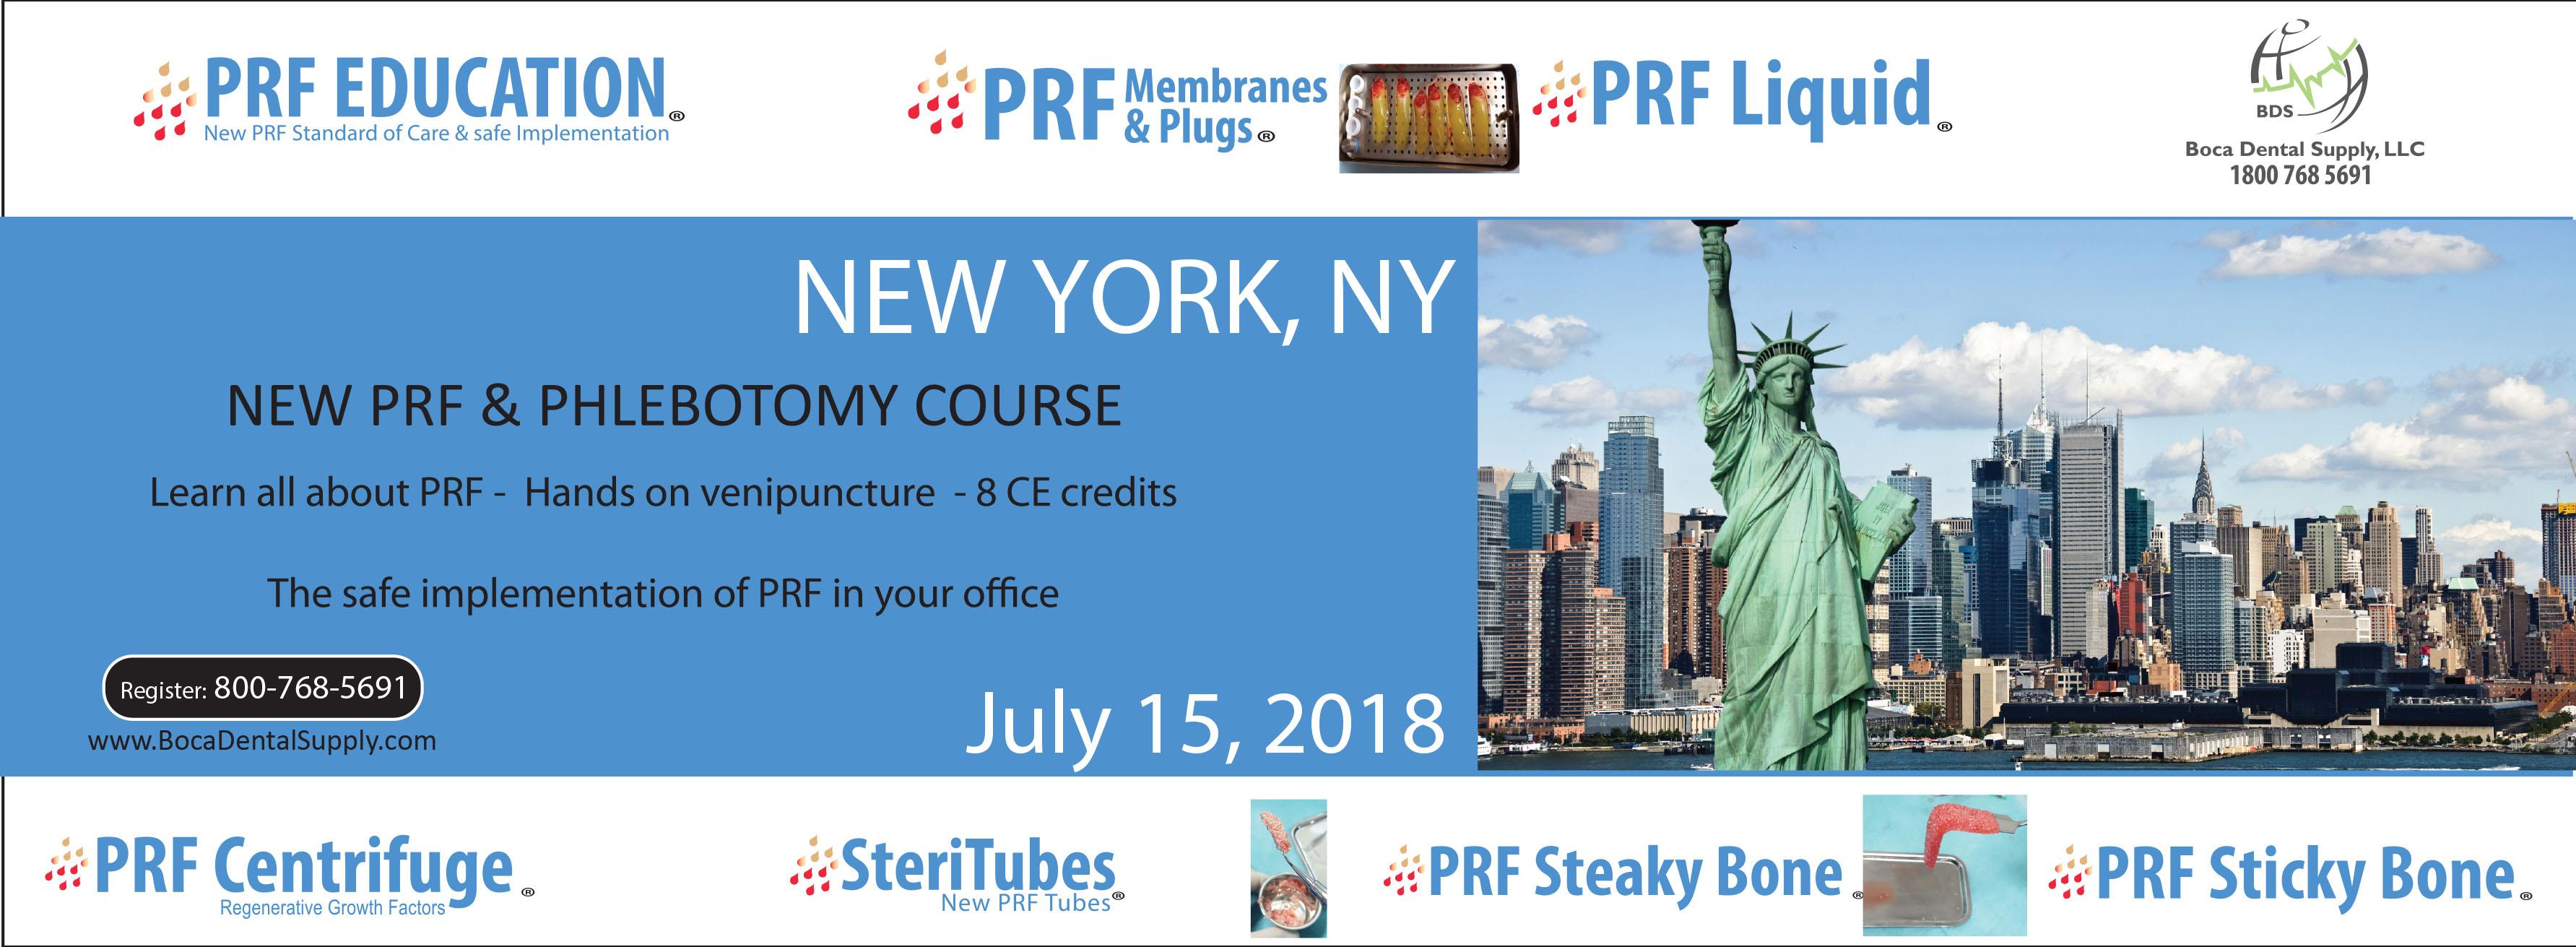 prf-course-july-ny-2018.jpg